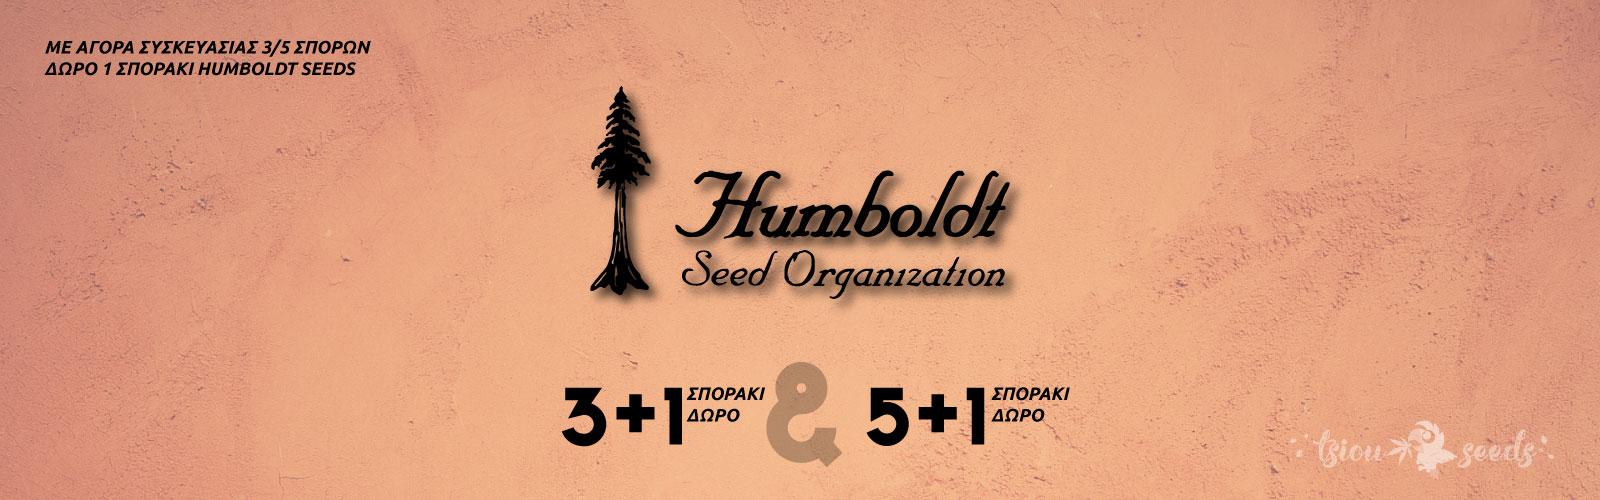 Special-Offer-Humboldt